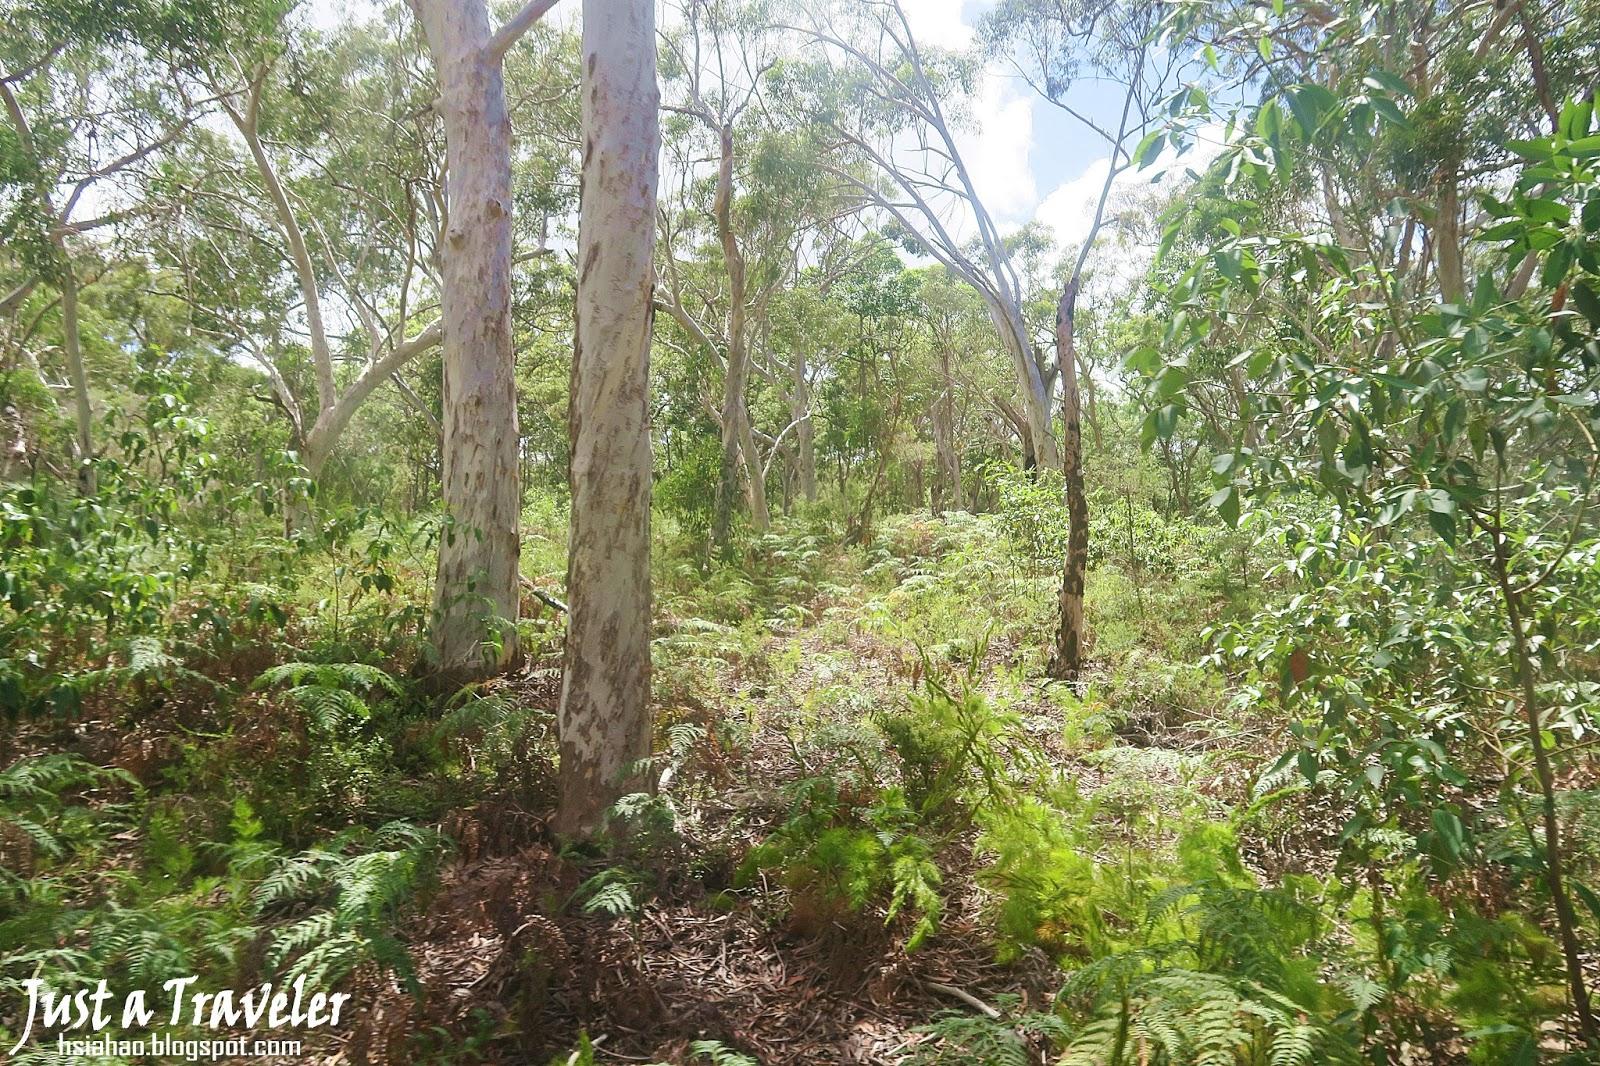 布里斯本-摩頓島-森林-景點-交通-住宿-推薦-旅遊-自由行-澳洲-Brisbane-Moreton-Island-Tourist-Attraction-Travel-Australia